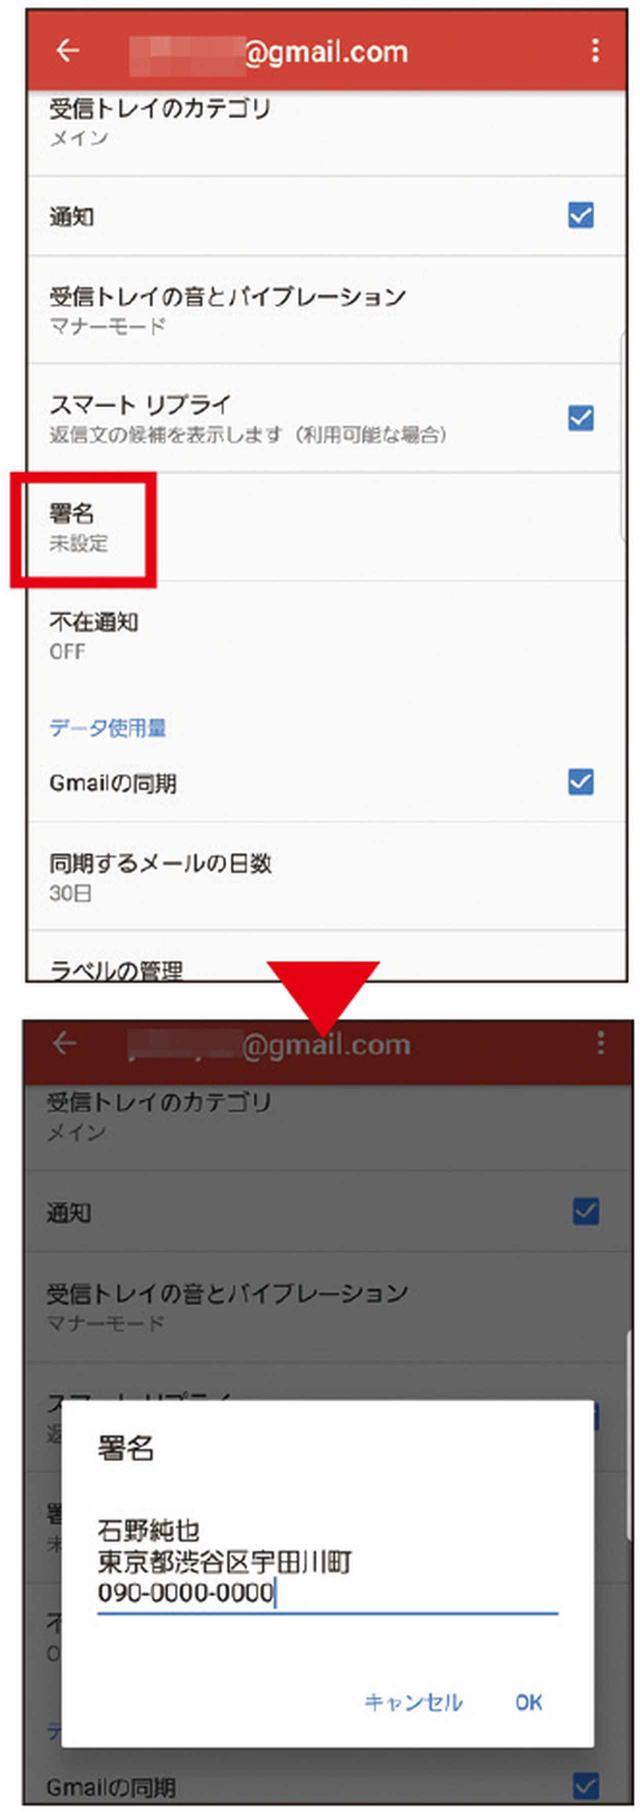 画像: Gmailアプリを開き、「設定」でアカウントを選択。「署名」の項目をタップすると、署名の編集を行える。住所や電話番号を入れておくといい。